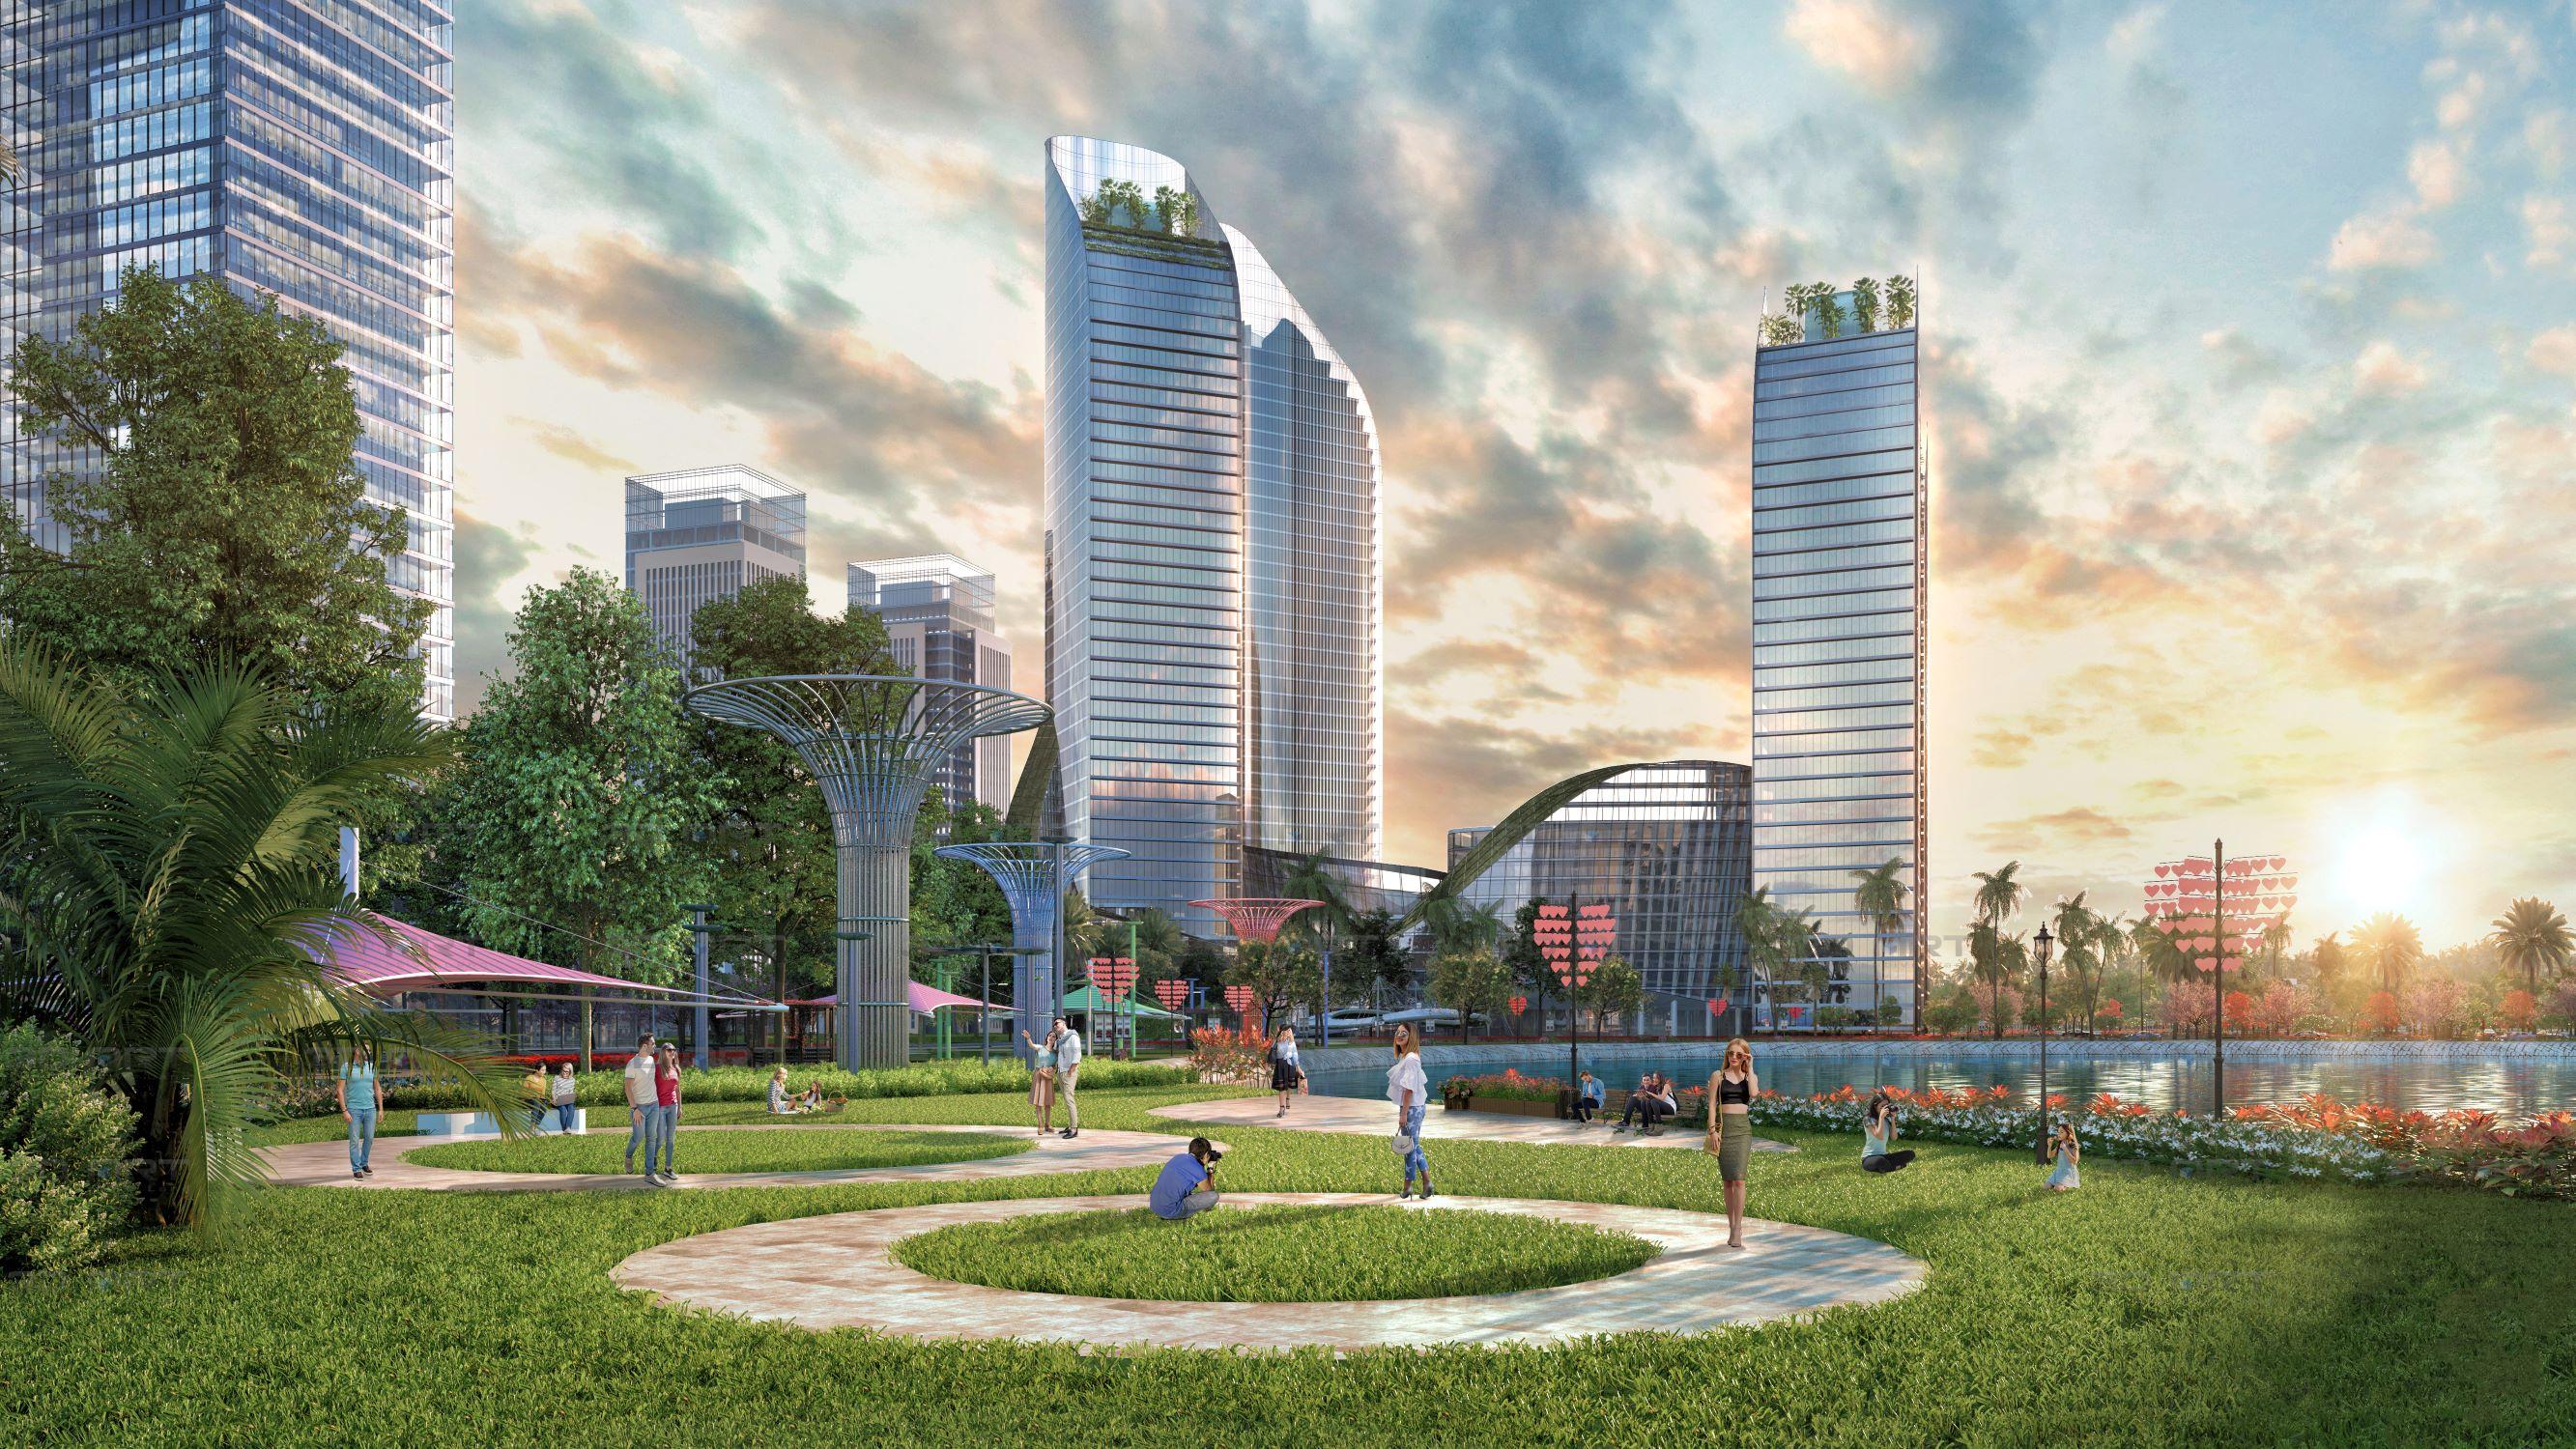 Quá tải ở các thành phố lớn, đô thị sinh thái tỉnh lẻ hút dòng tiền